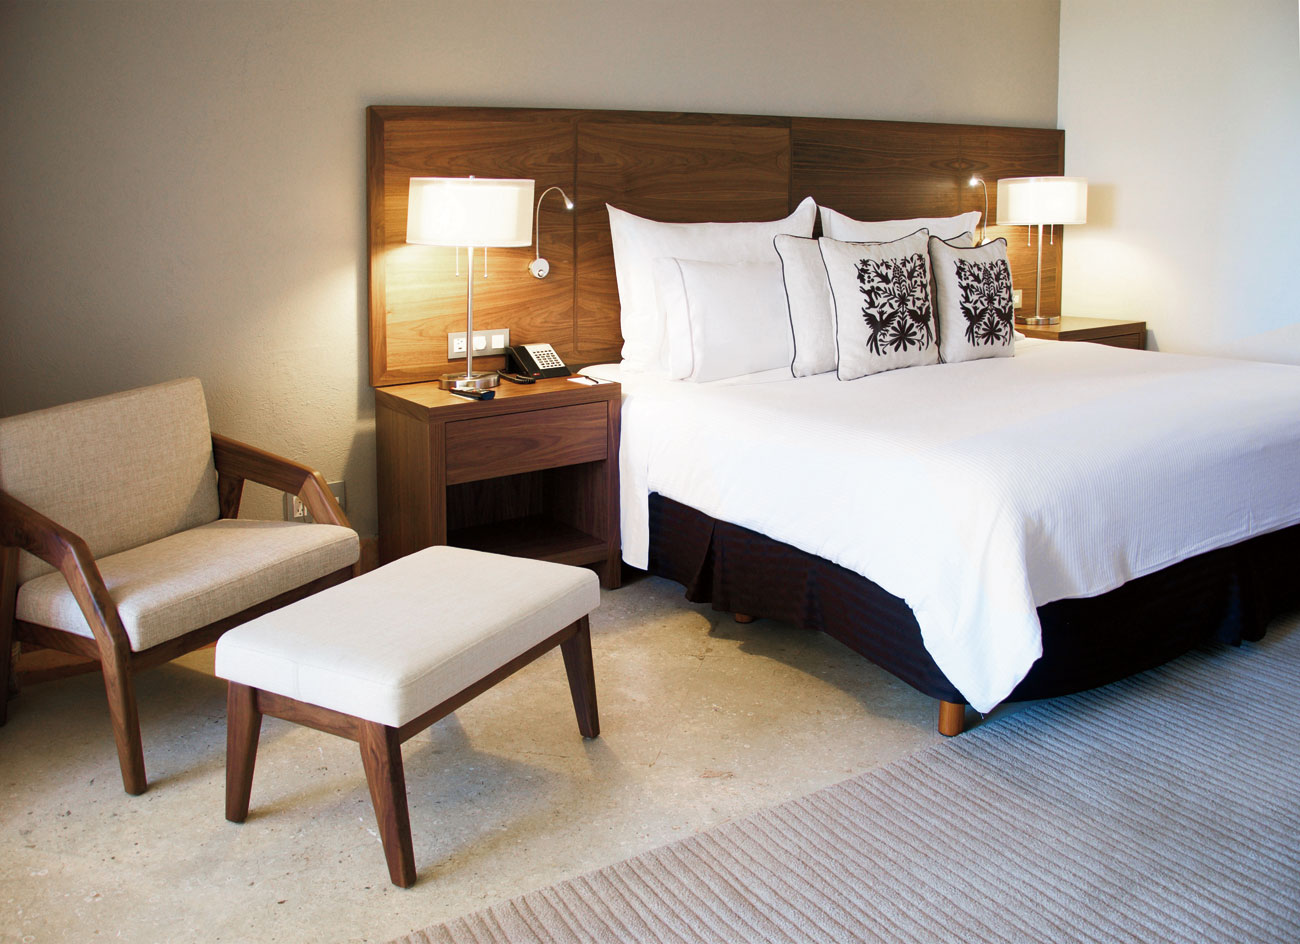 Möbel Hotelzimmer